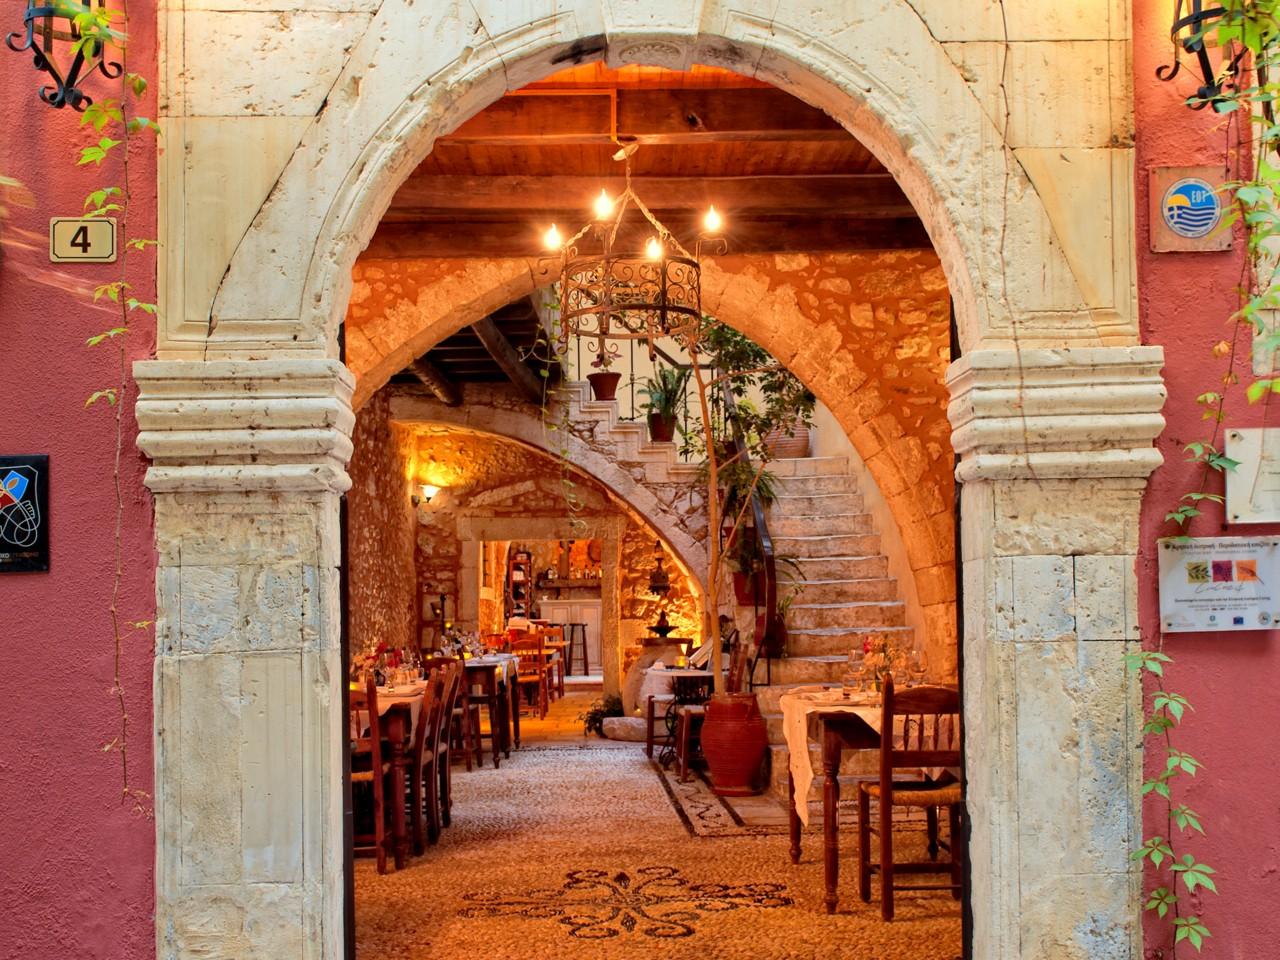 veneto restaurant rethimno, rethymno veneto restaurant, venetto eatery rethimno crete, best restaurants rethymno crete, where to eat rethimno, things to do veneto